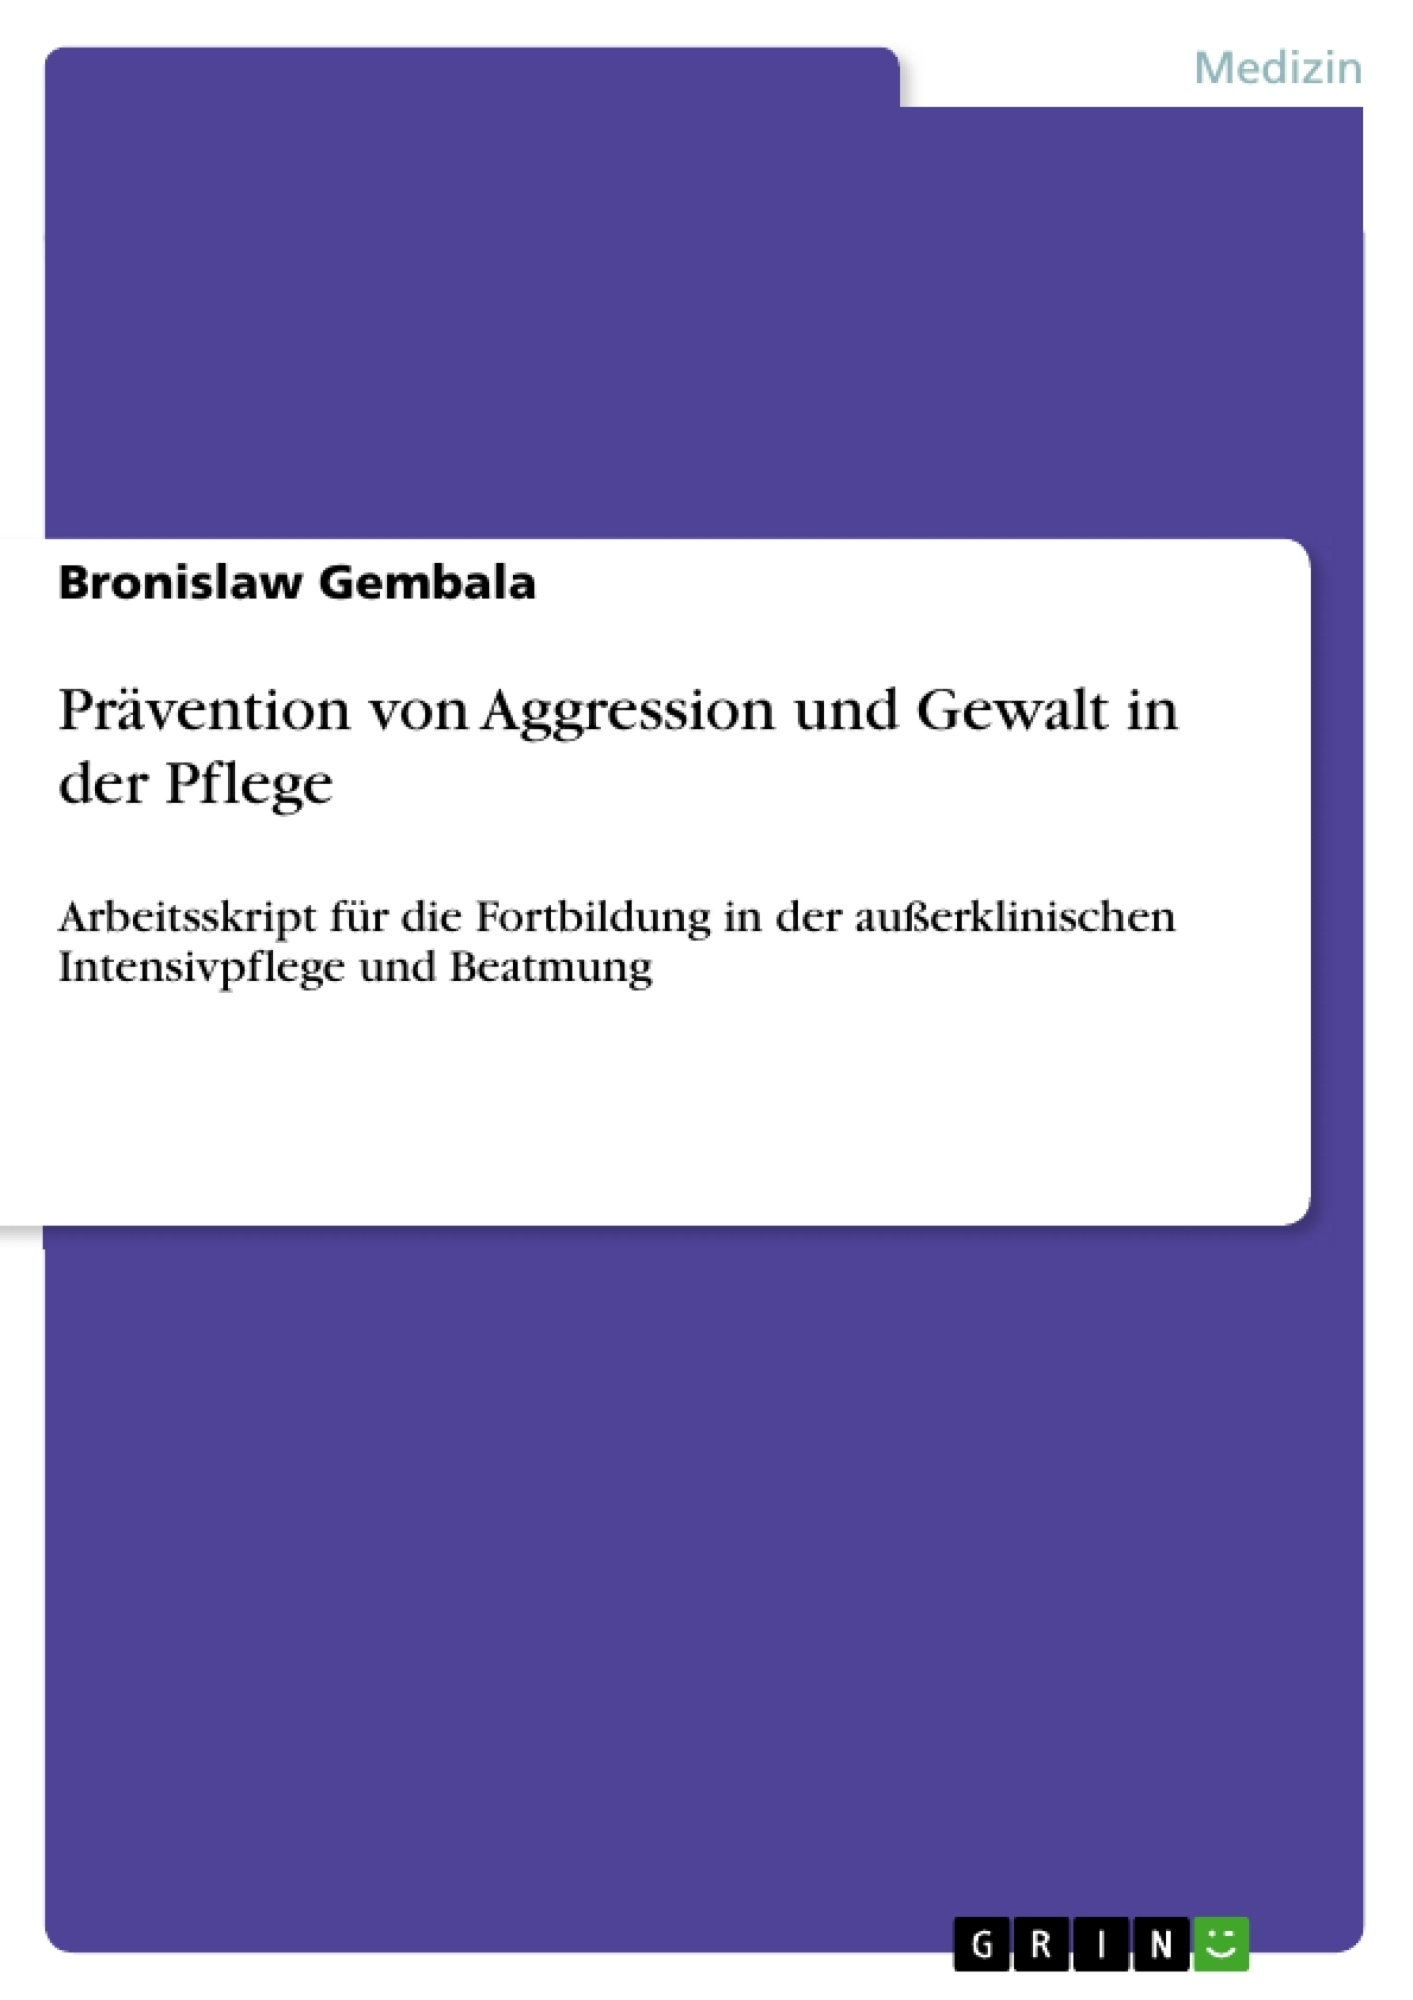 Titel: Prävention von Aggression und Gewalt in der Pflege